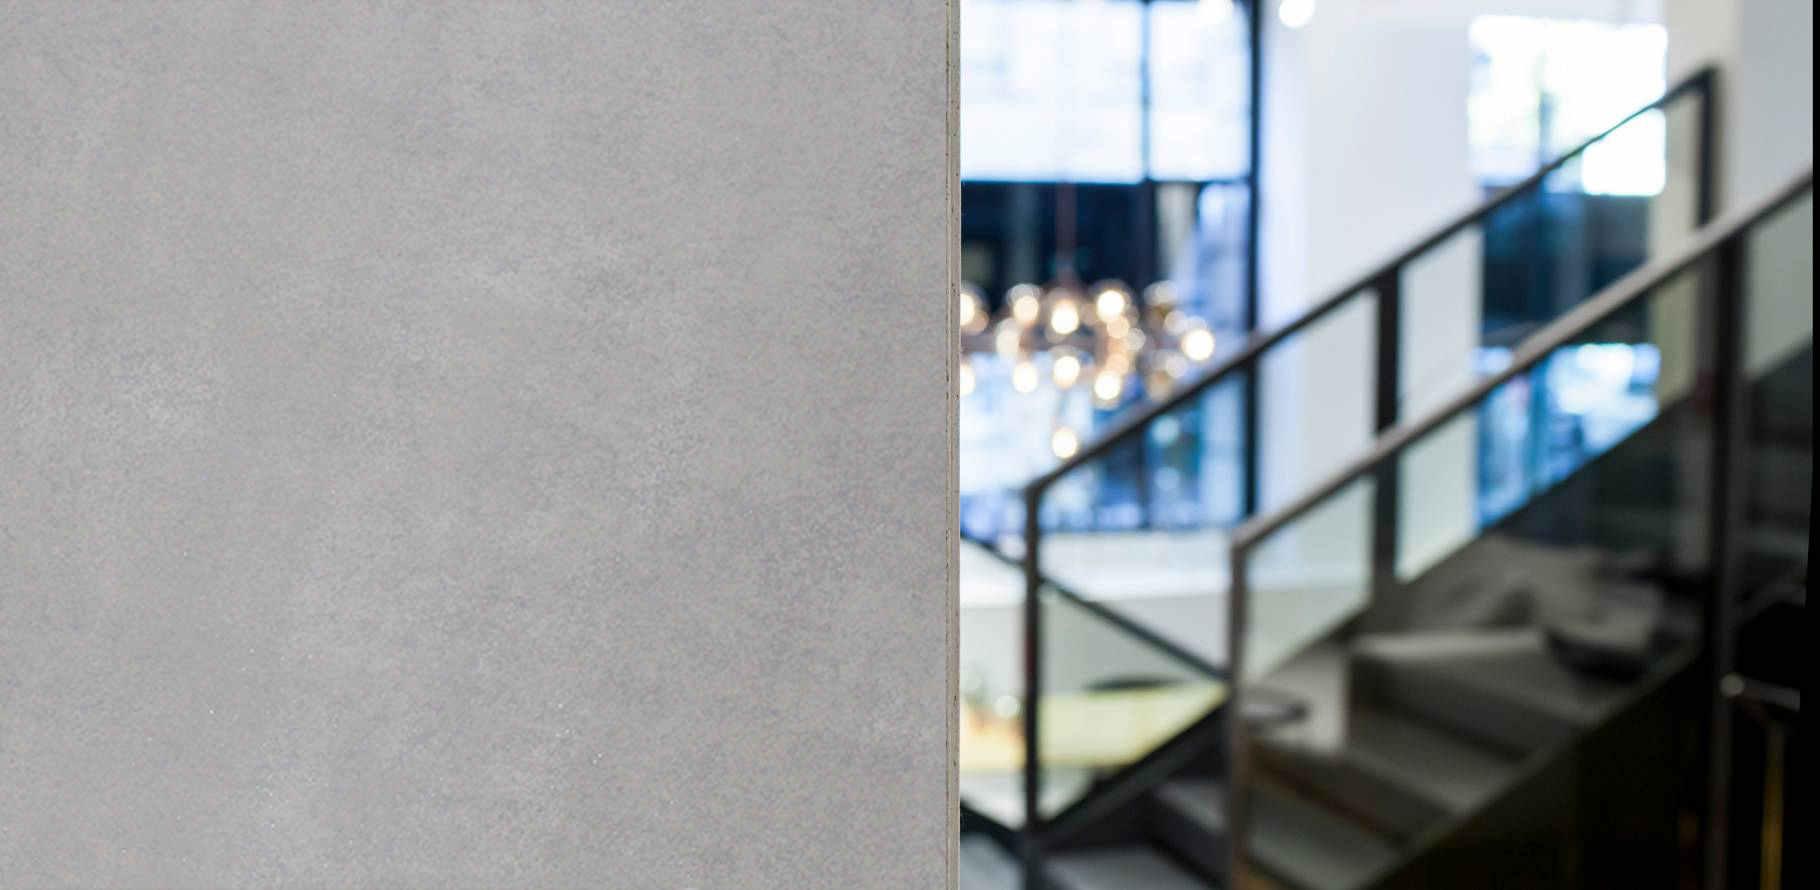 清水混凝土掛板的價格構成及知識分享